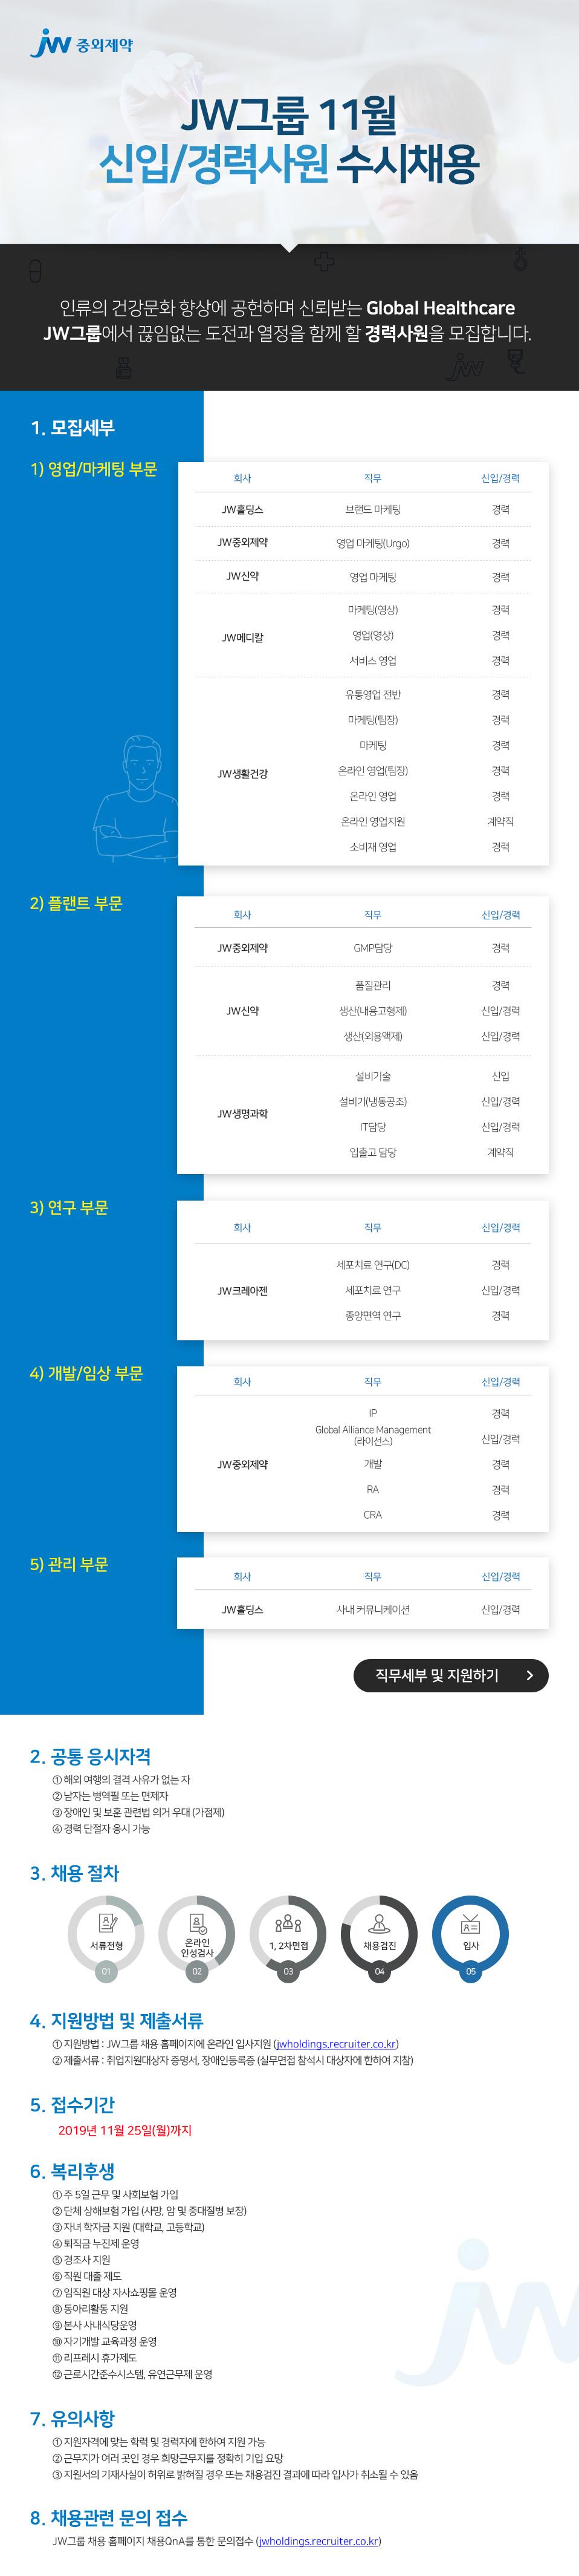 JW그룹 11월 신입/경력사원 수시채용